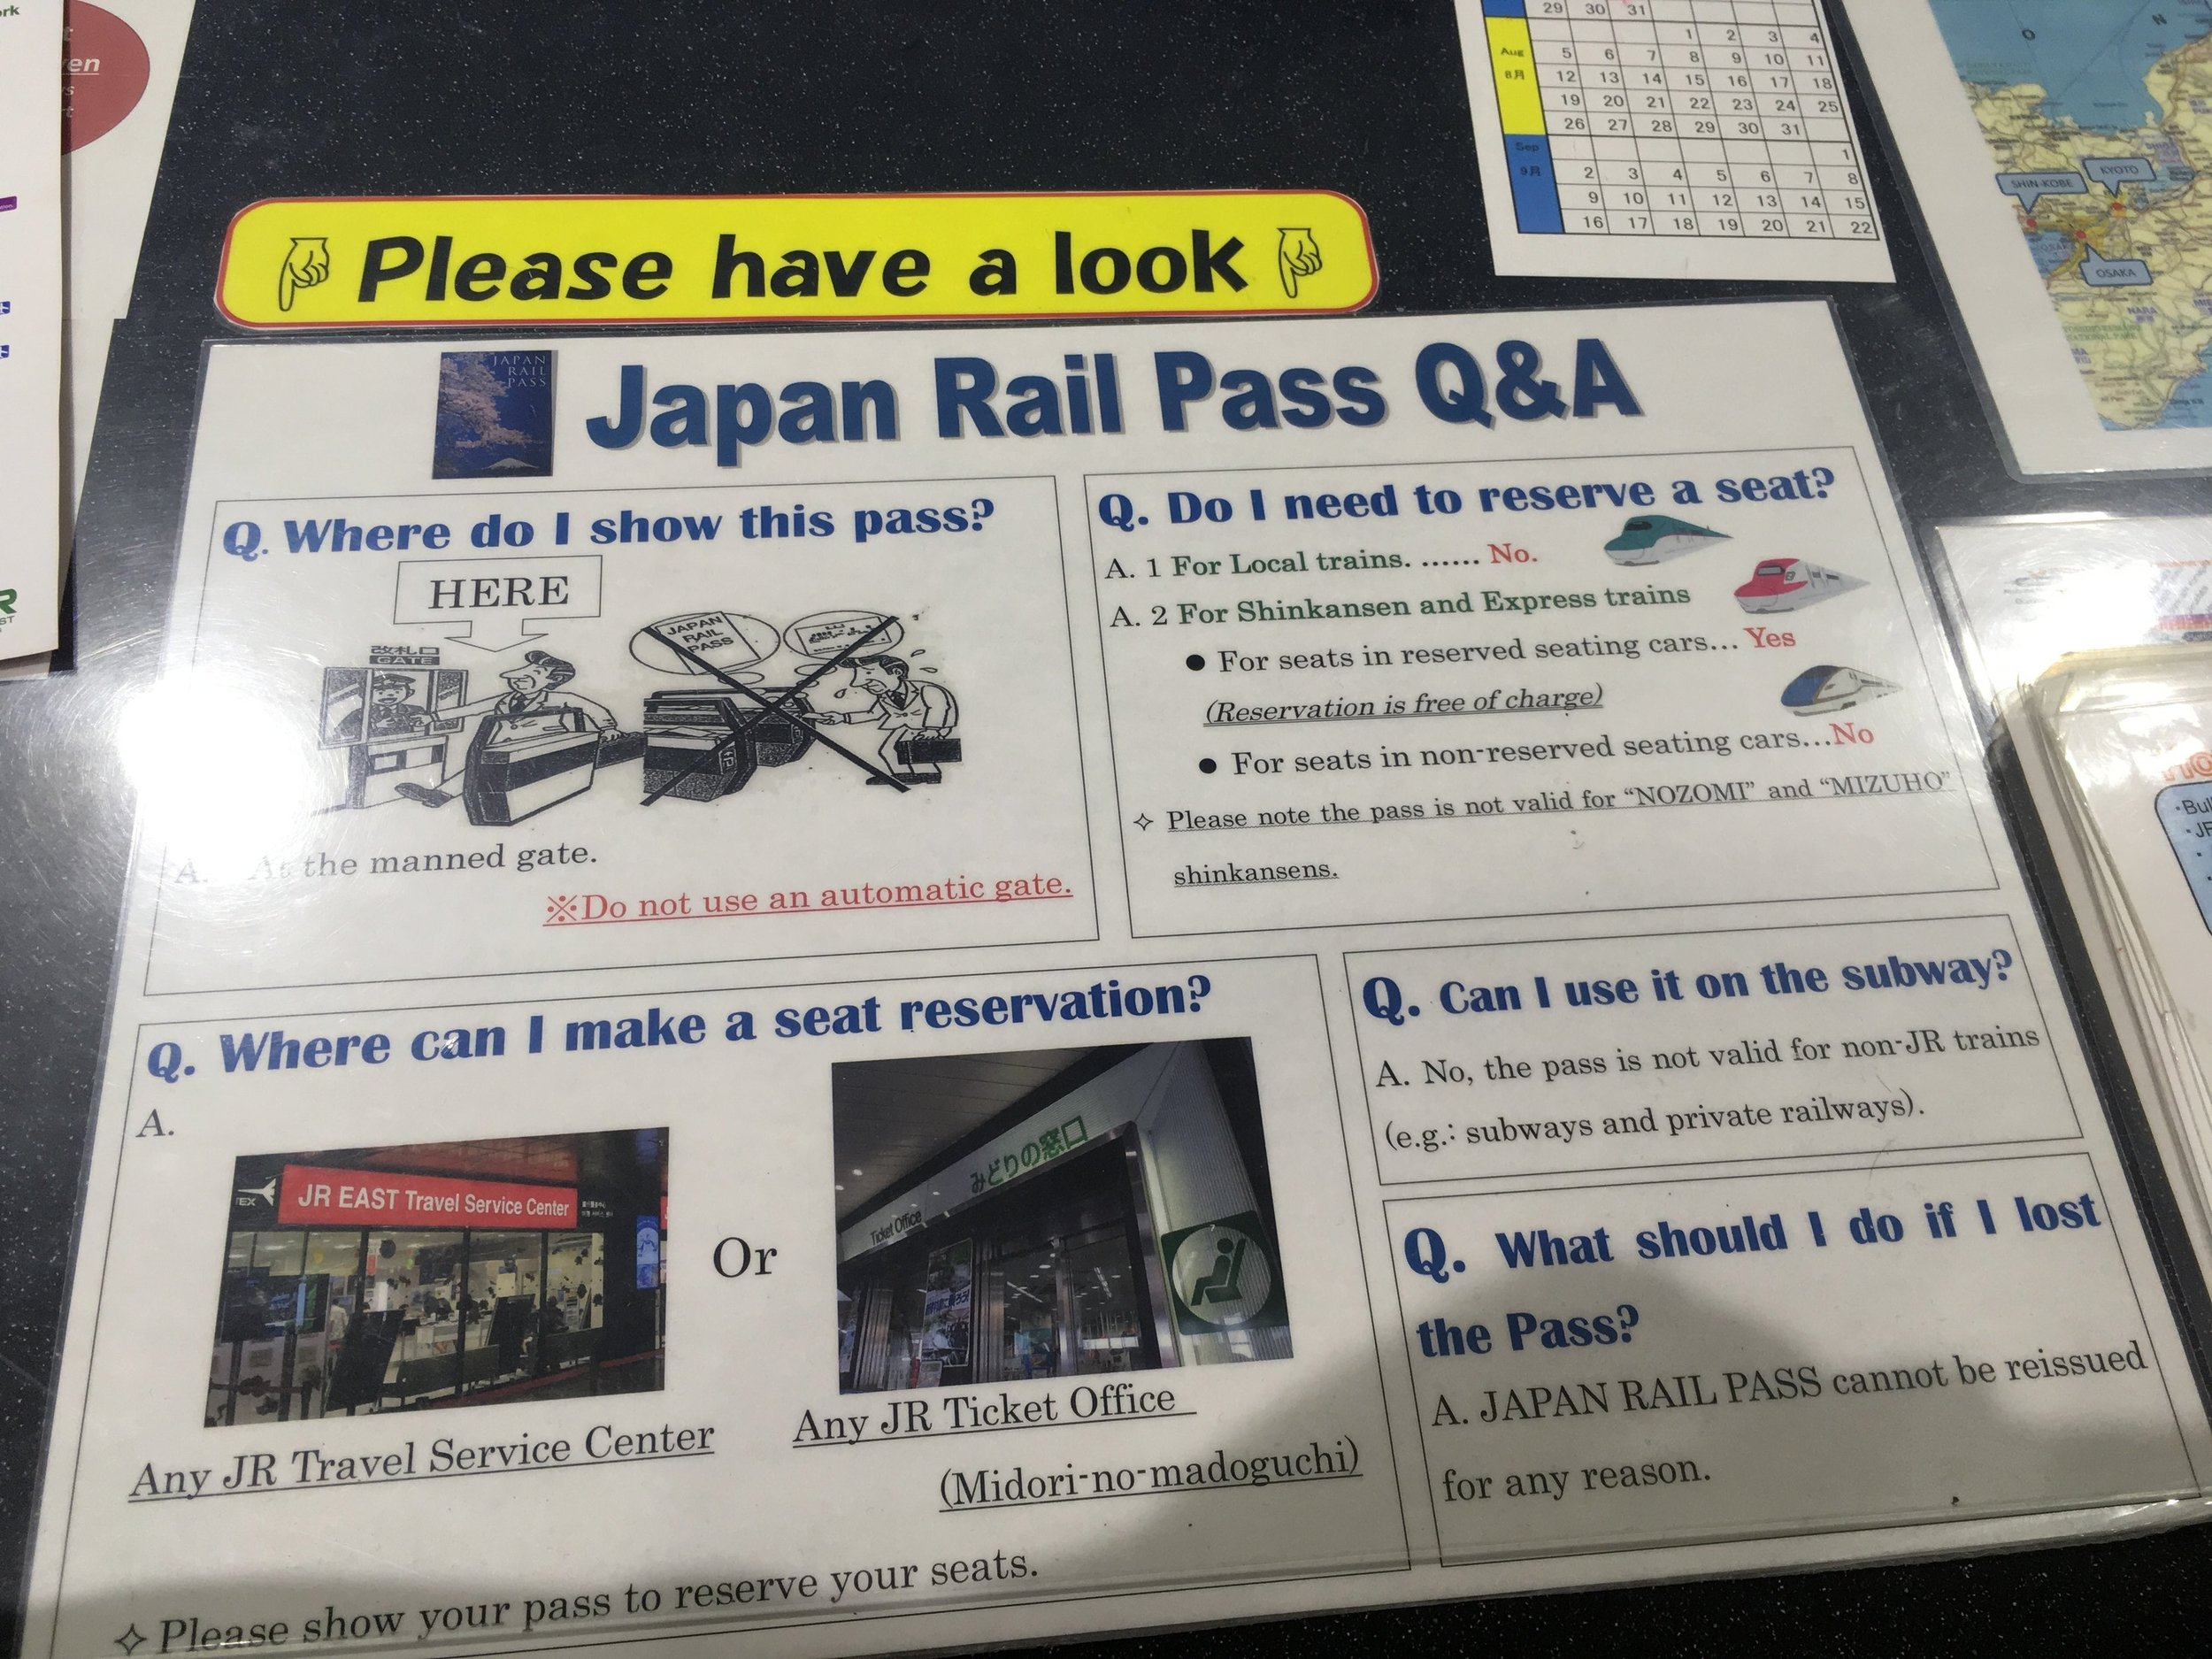 Japan Rail Pass Q & A.JPG